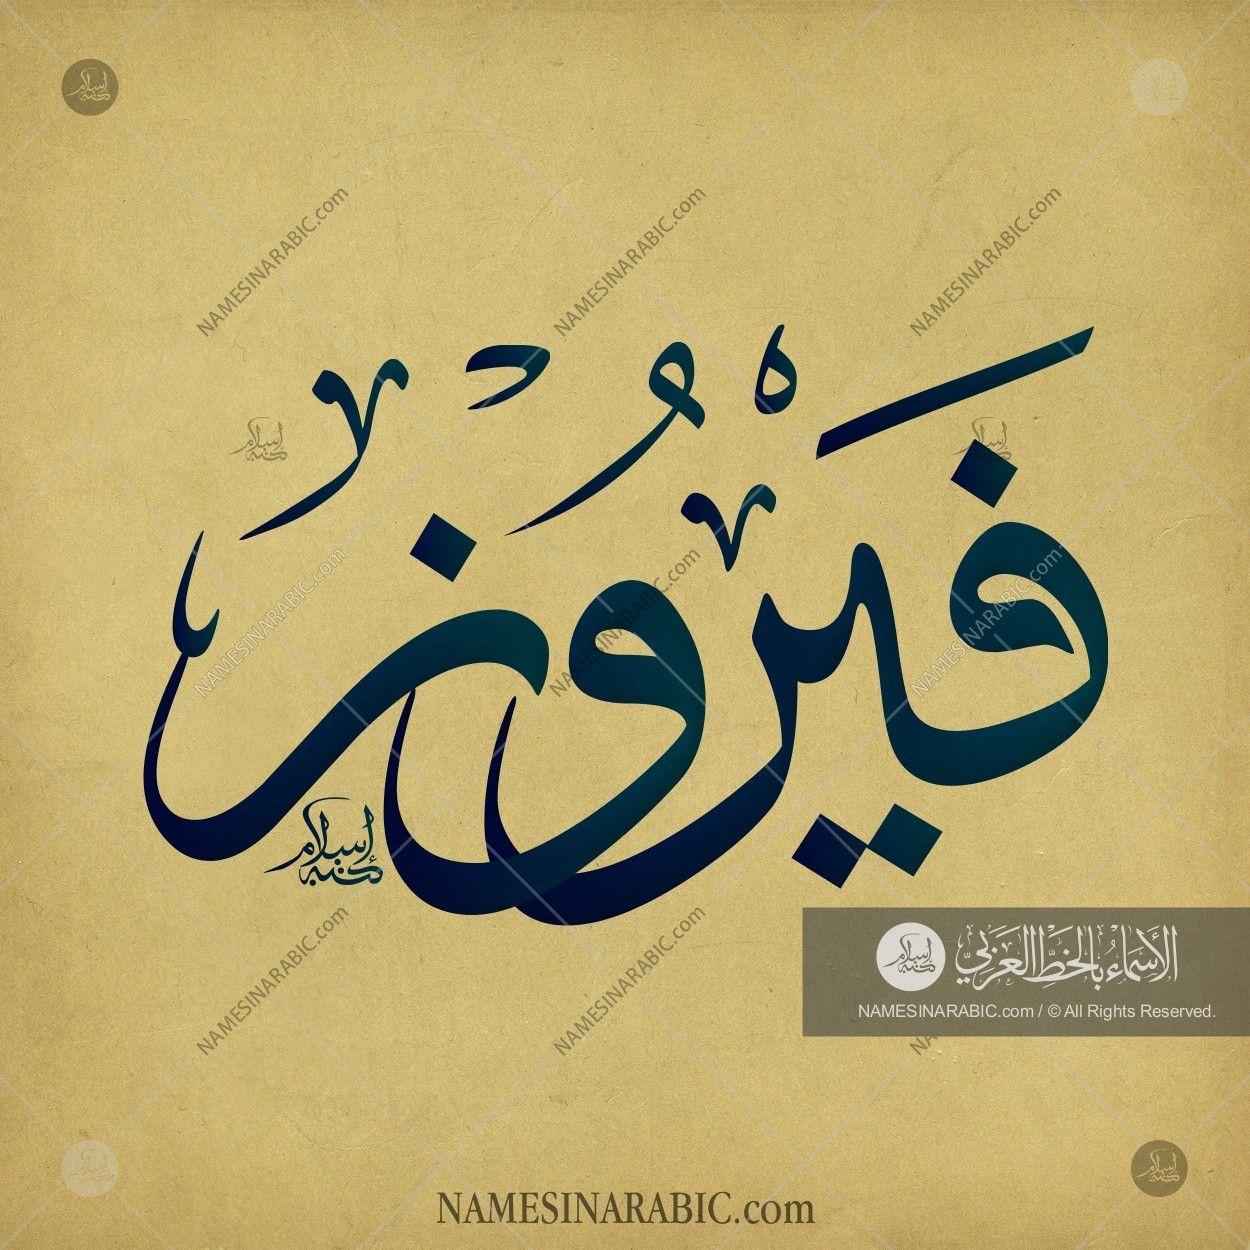 Fairuz فيروز Names In Arabic Calligraphy Name 2949 Calligraphy Name Calligraphy Arabic Calligraphy Painting